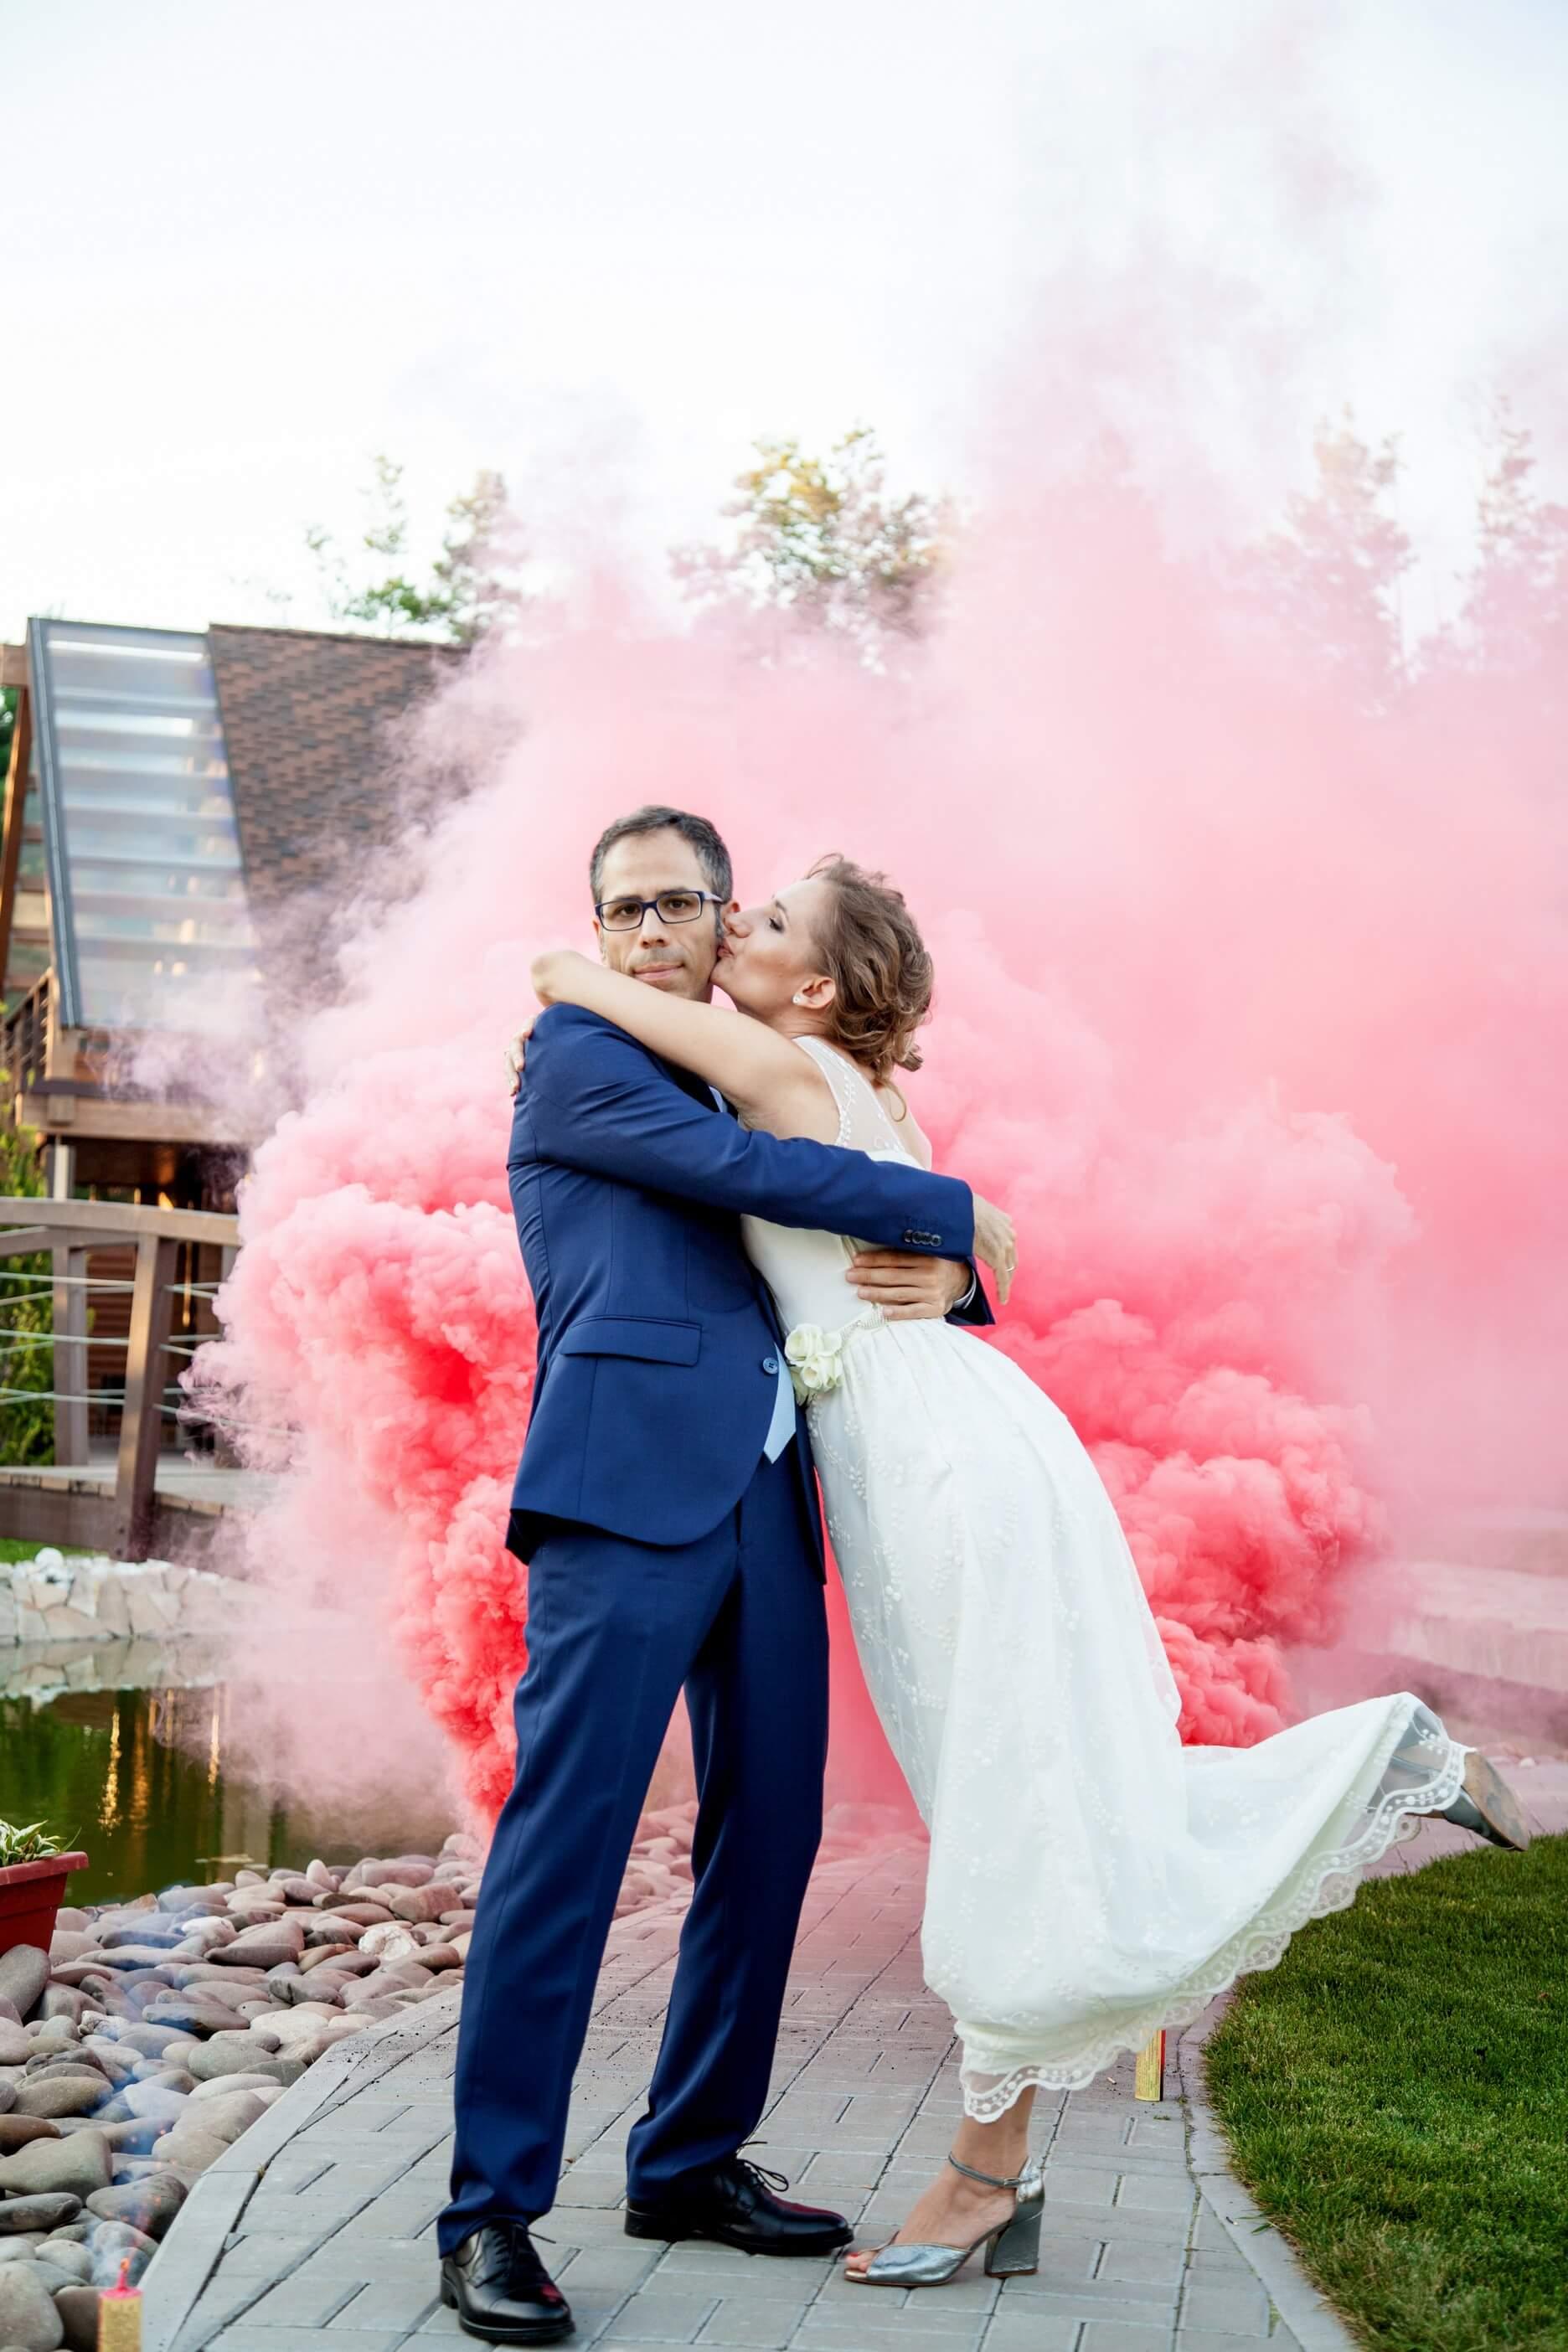 svadebnaja fotosessija s dymovymi shashkami (4)